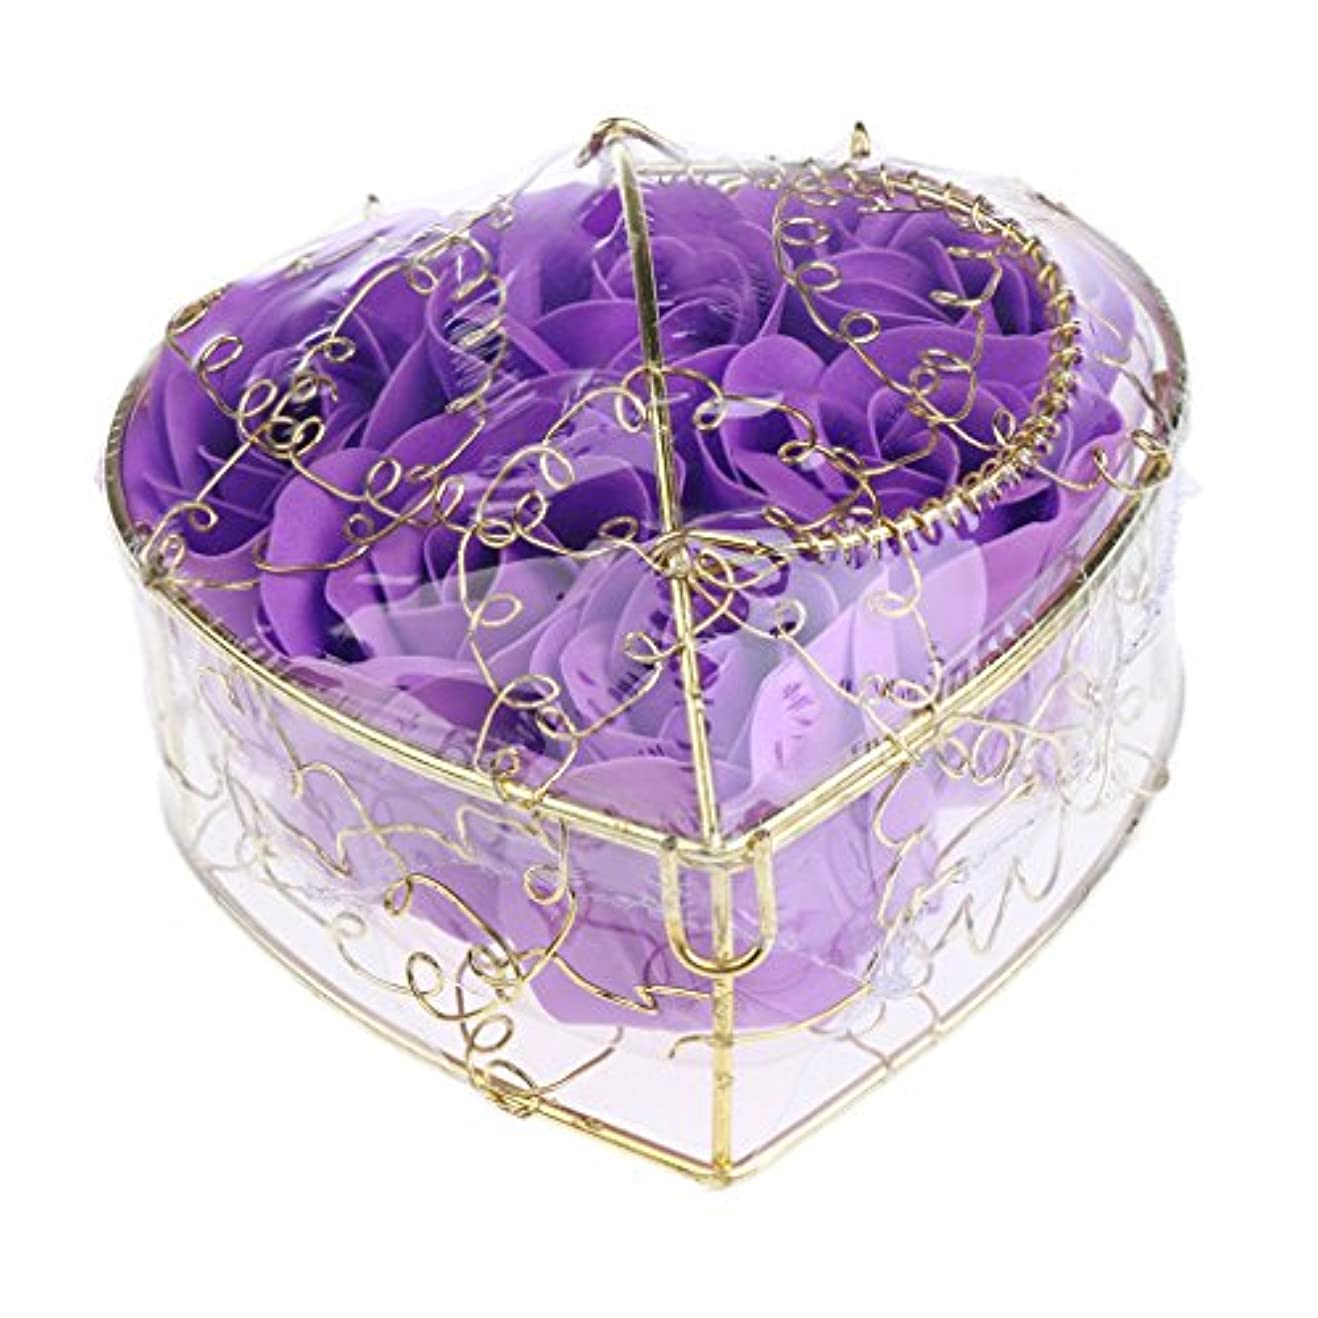 間違えた臨検接辞母の日のための6個のバラ石鹸の花びらのギフトボックス - 紫